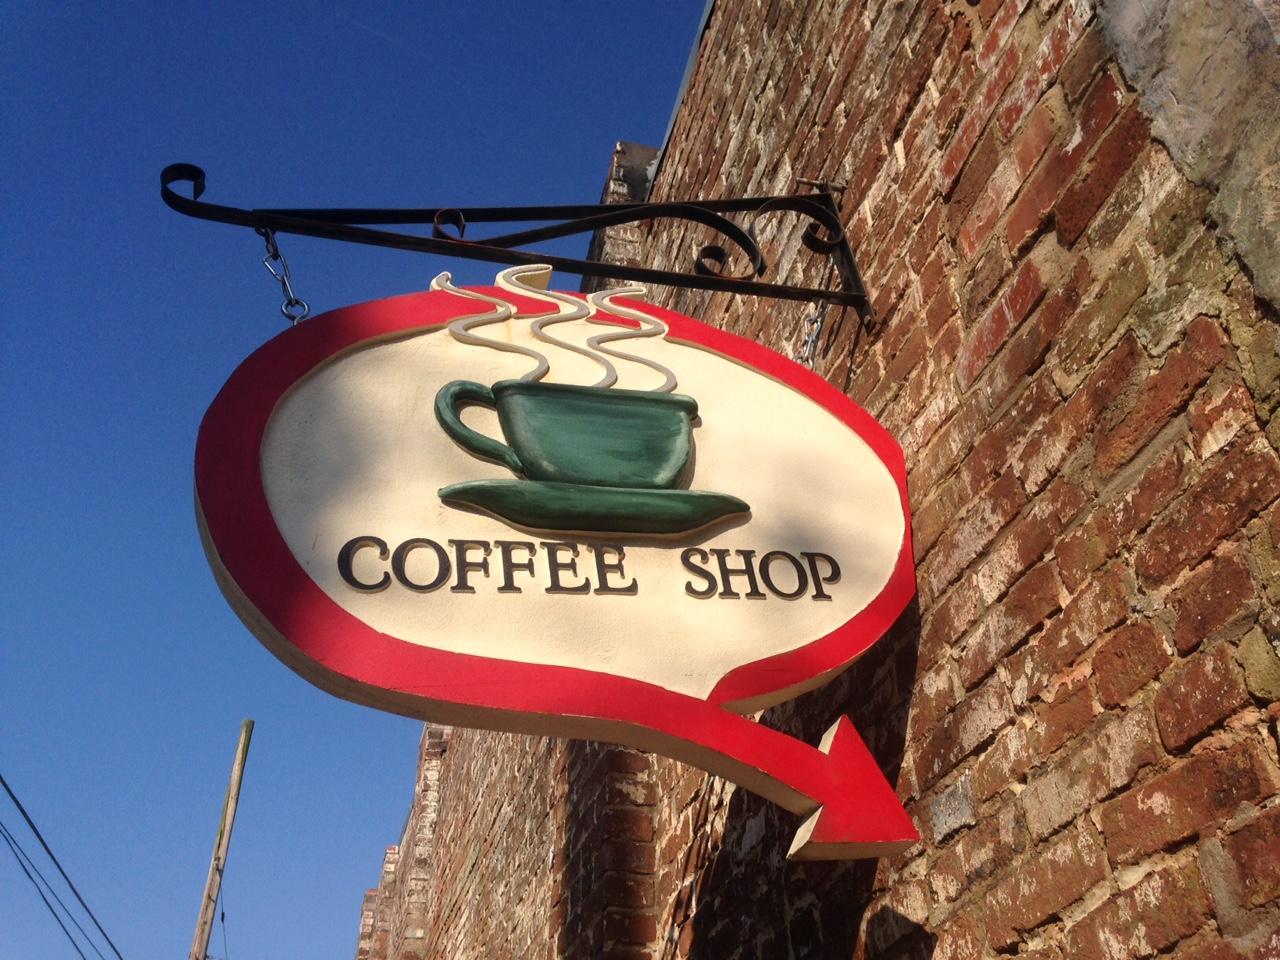 Bell Buckle Coffee Shop, Bell Buckle TN